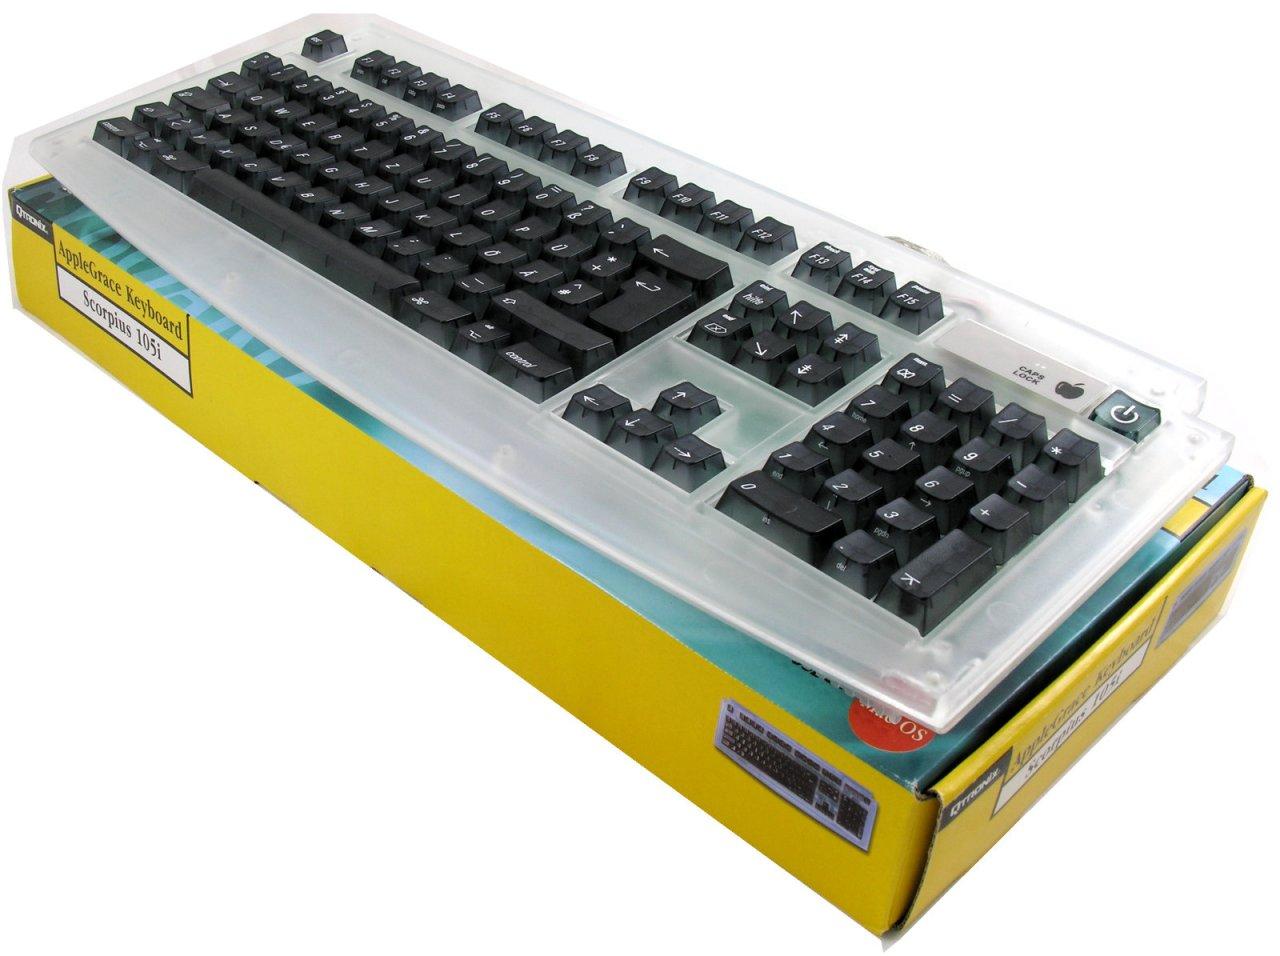 SC-105GR, USB-Tastatur für Mac, frostweiß, dt. Layout